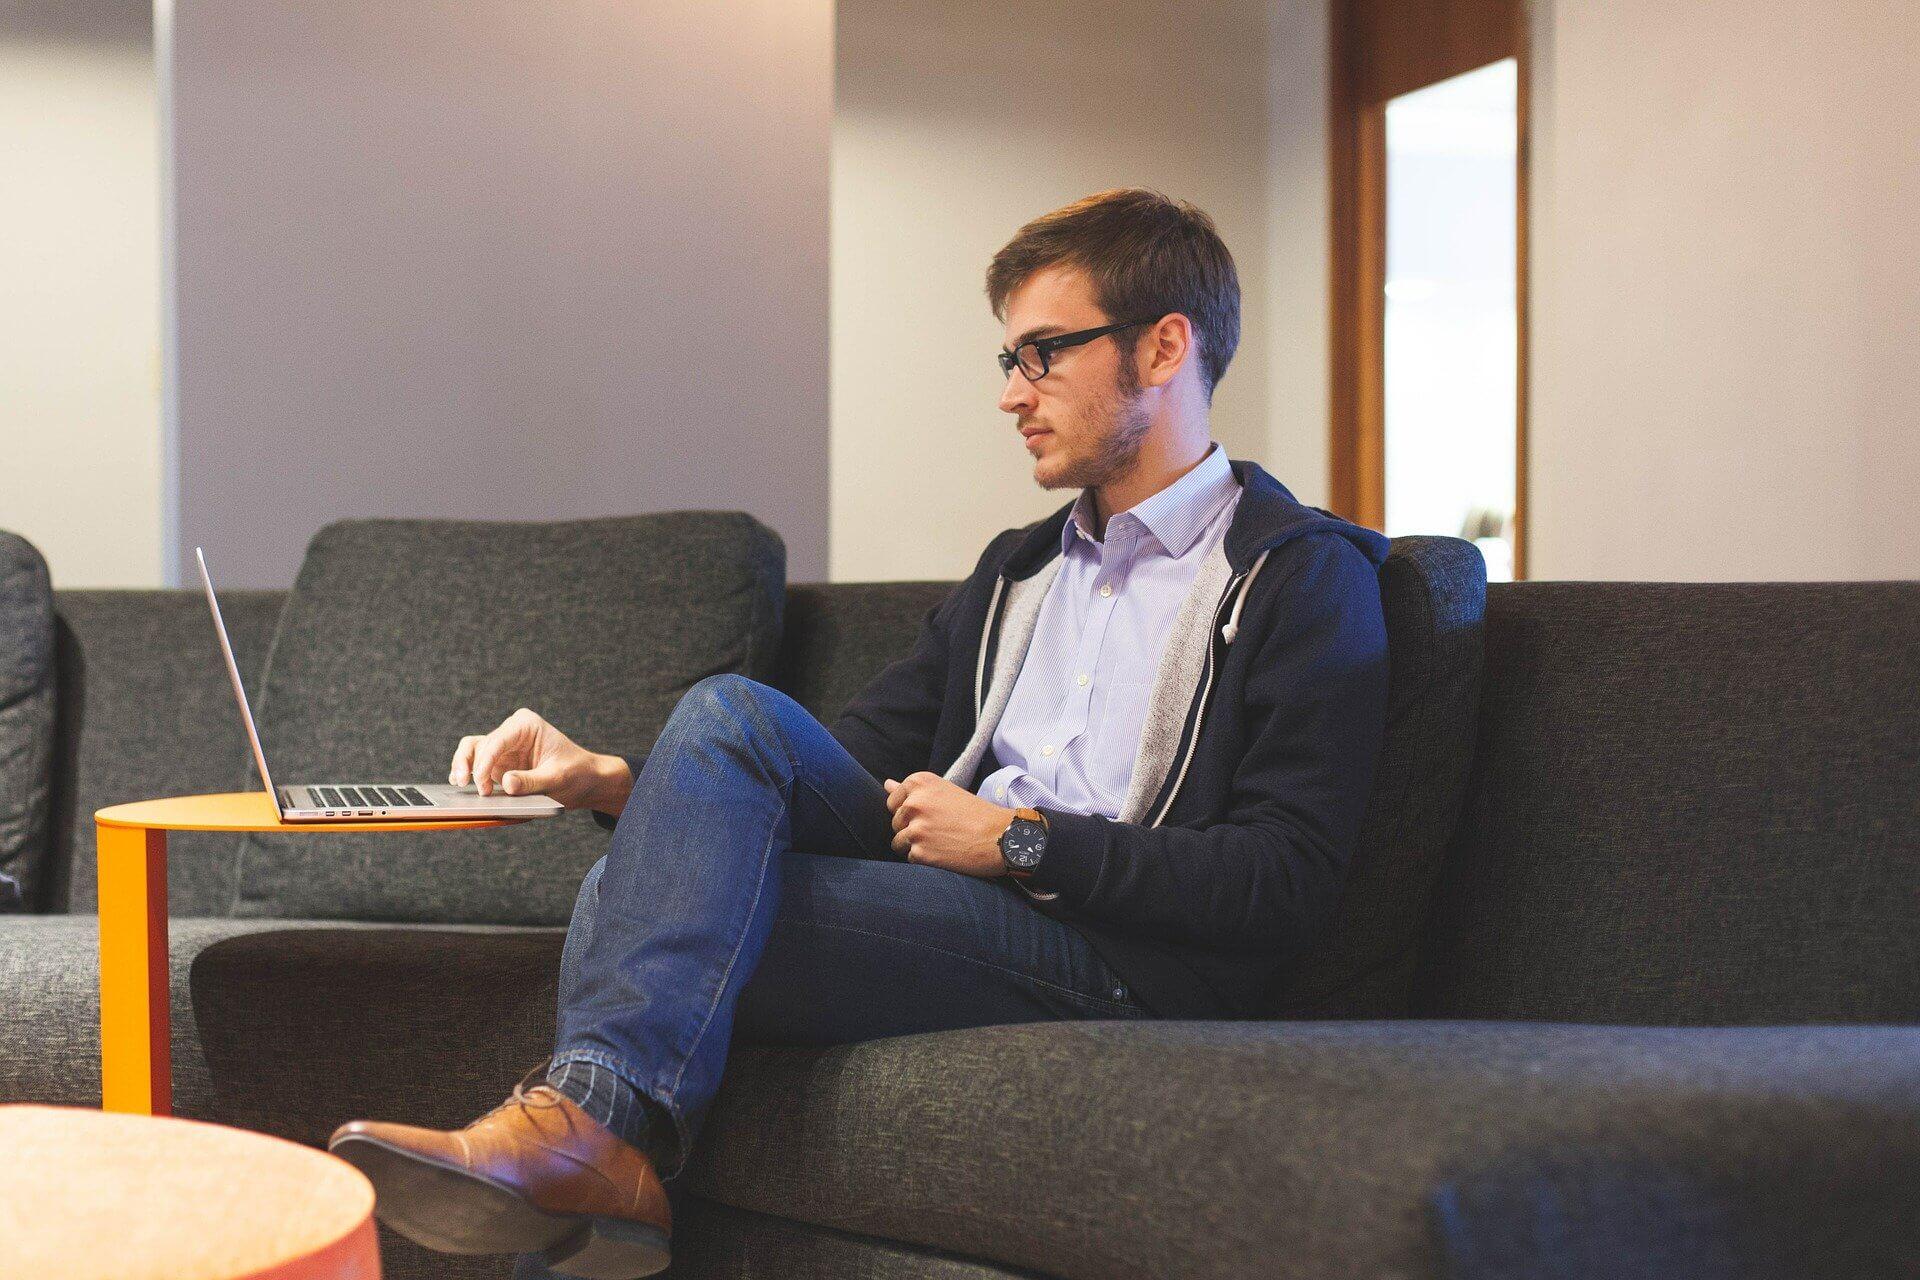 homme en freelance sur son ordinateur